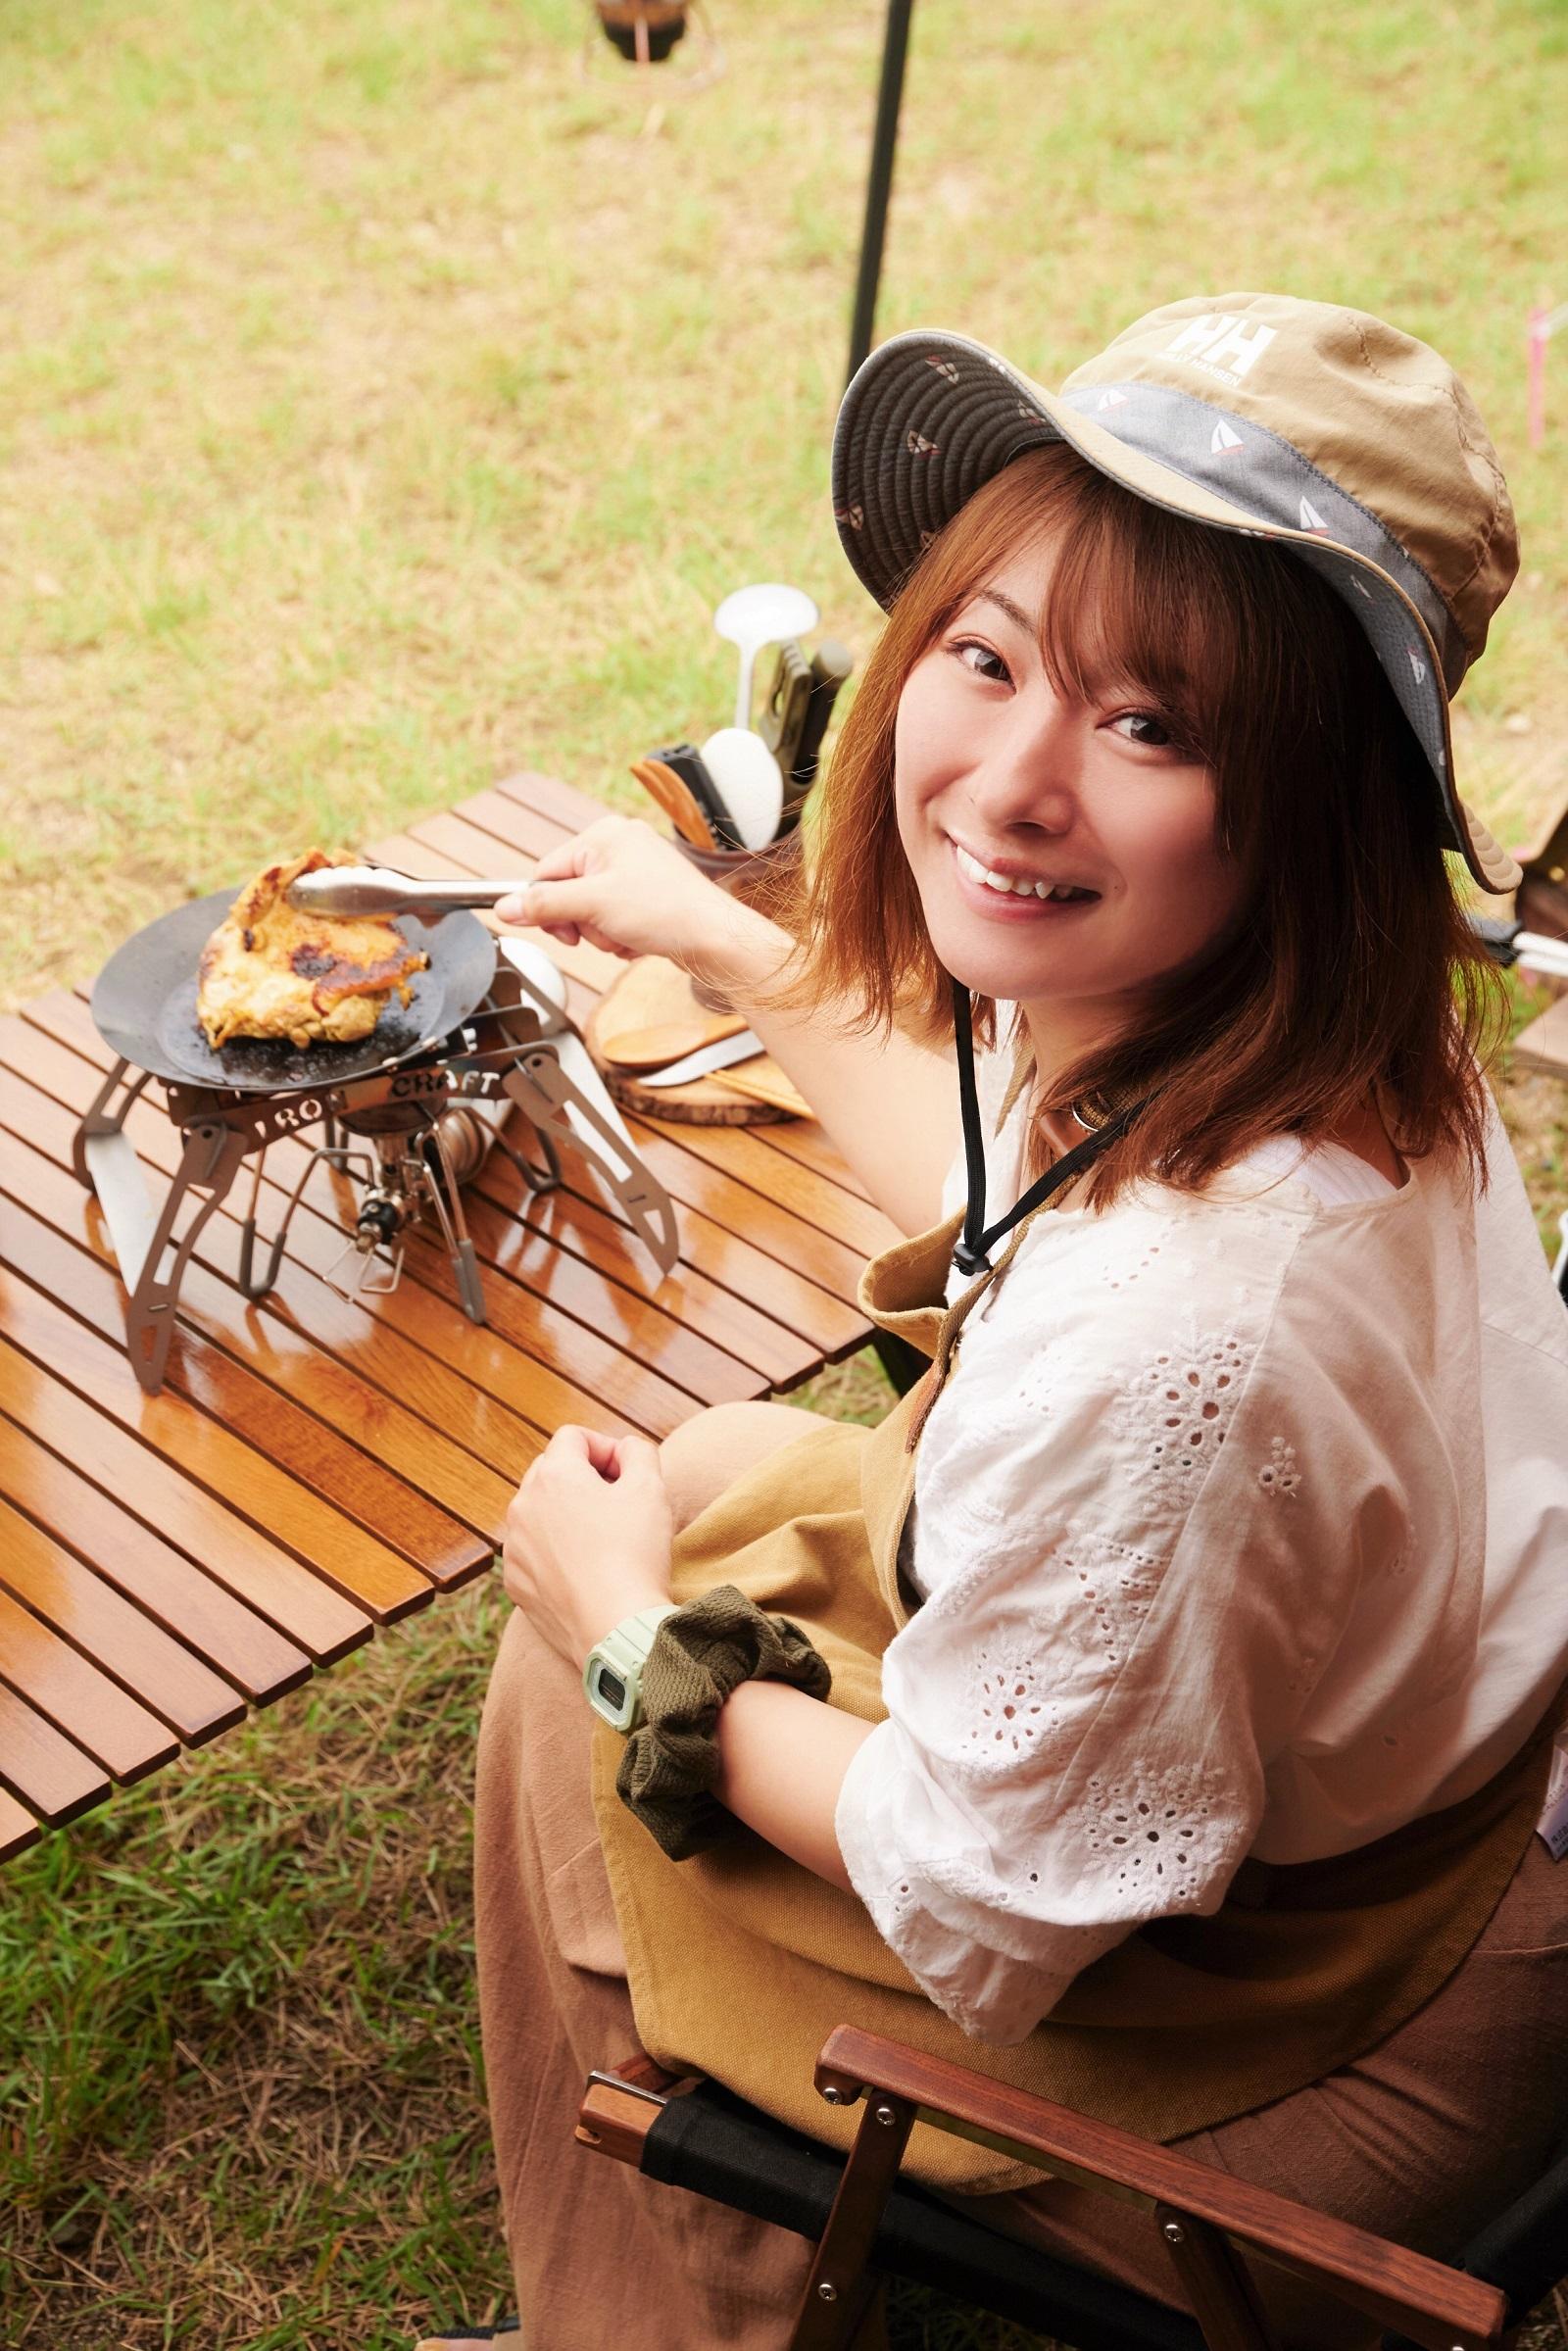 「natsucamp(なつきゃんぷ)さん」画像